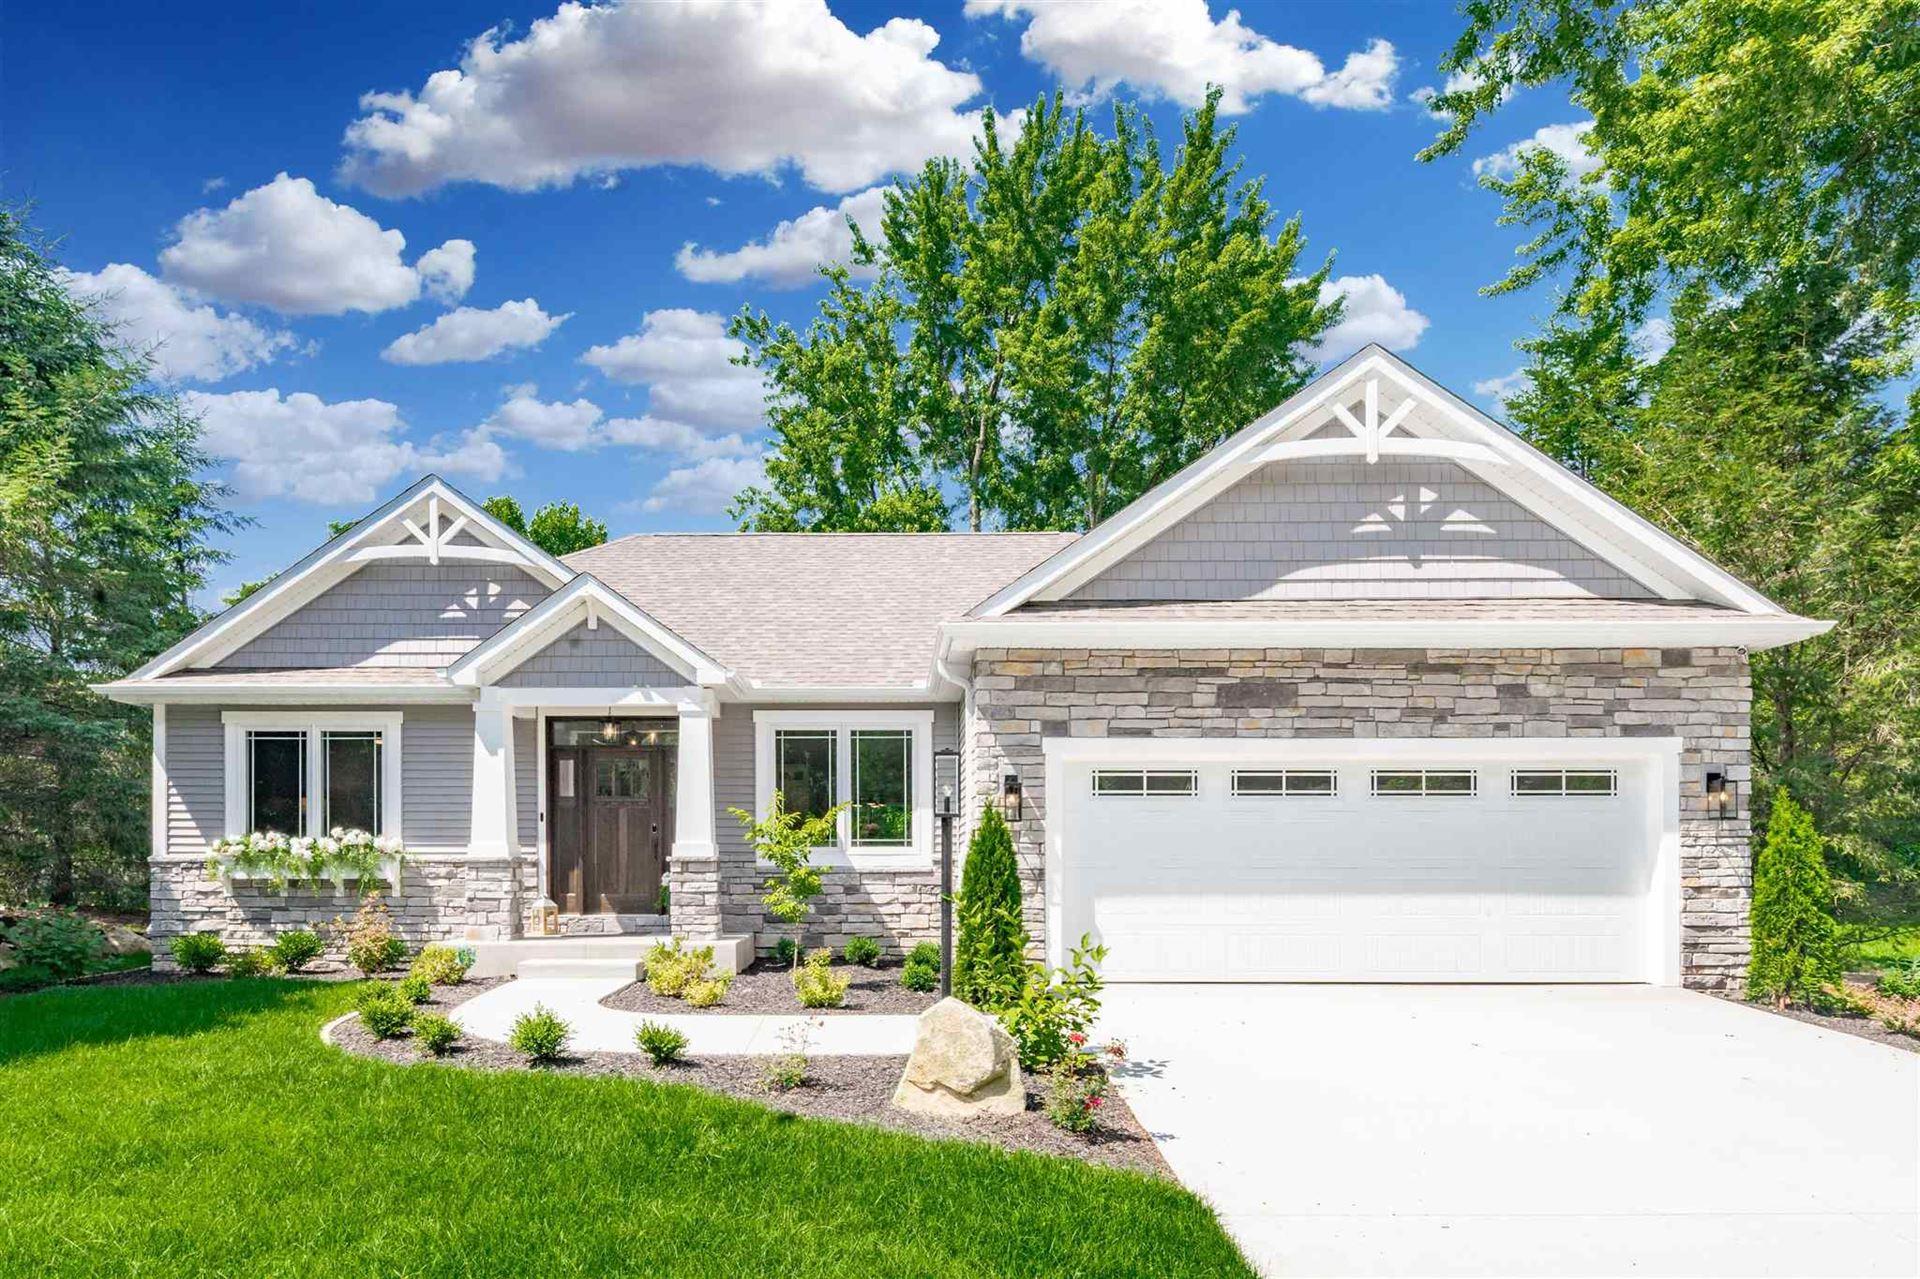 4134 Garden Oak Drive #Lot 22, South Bend, IN 46628 - #: 202010593